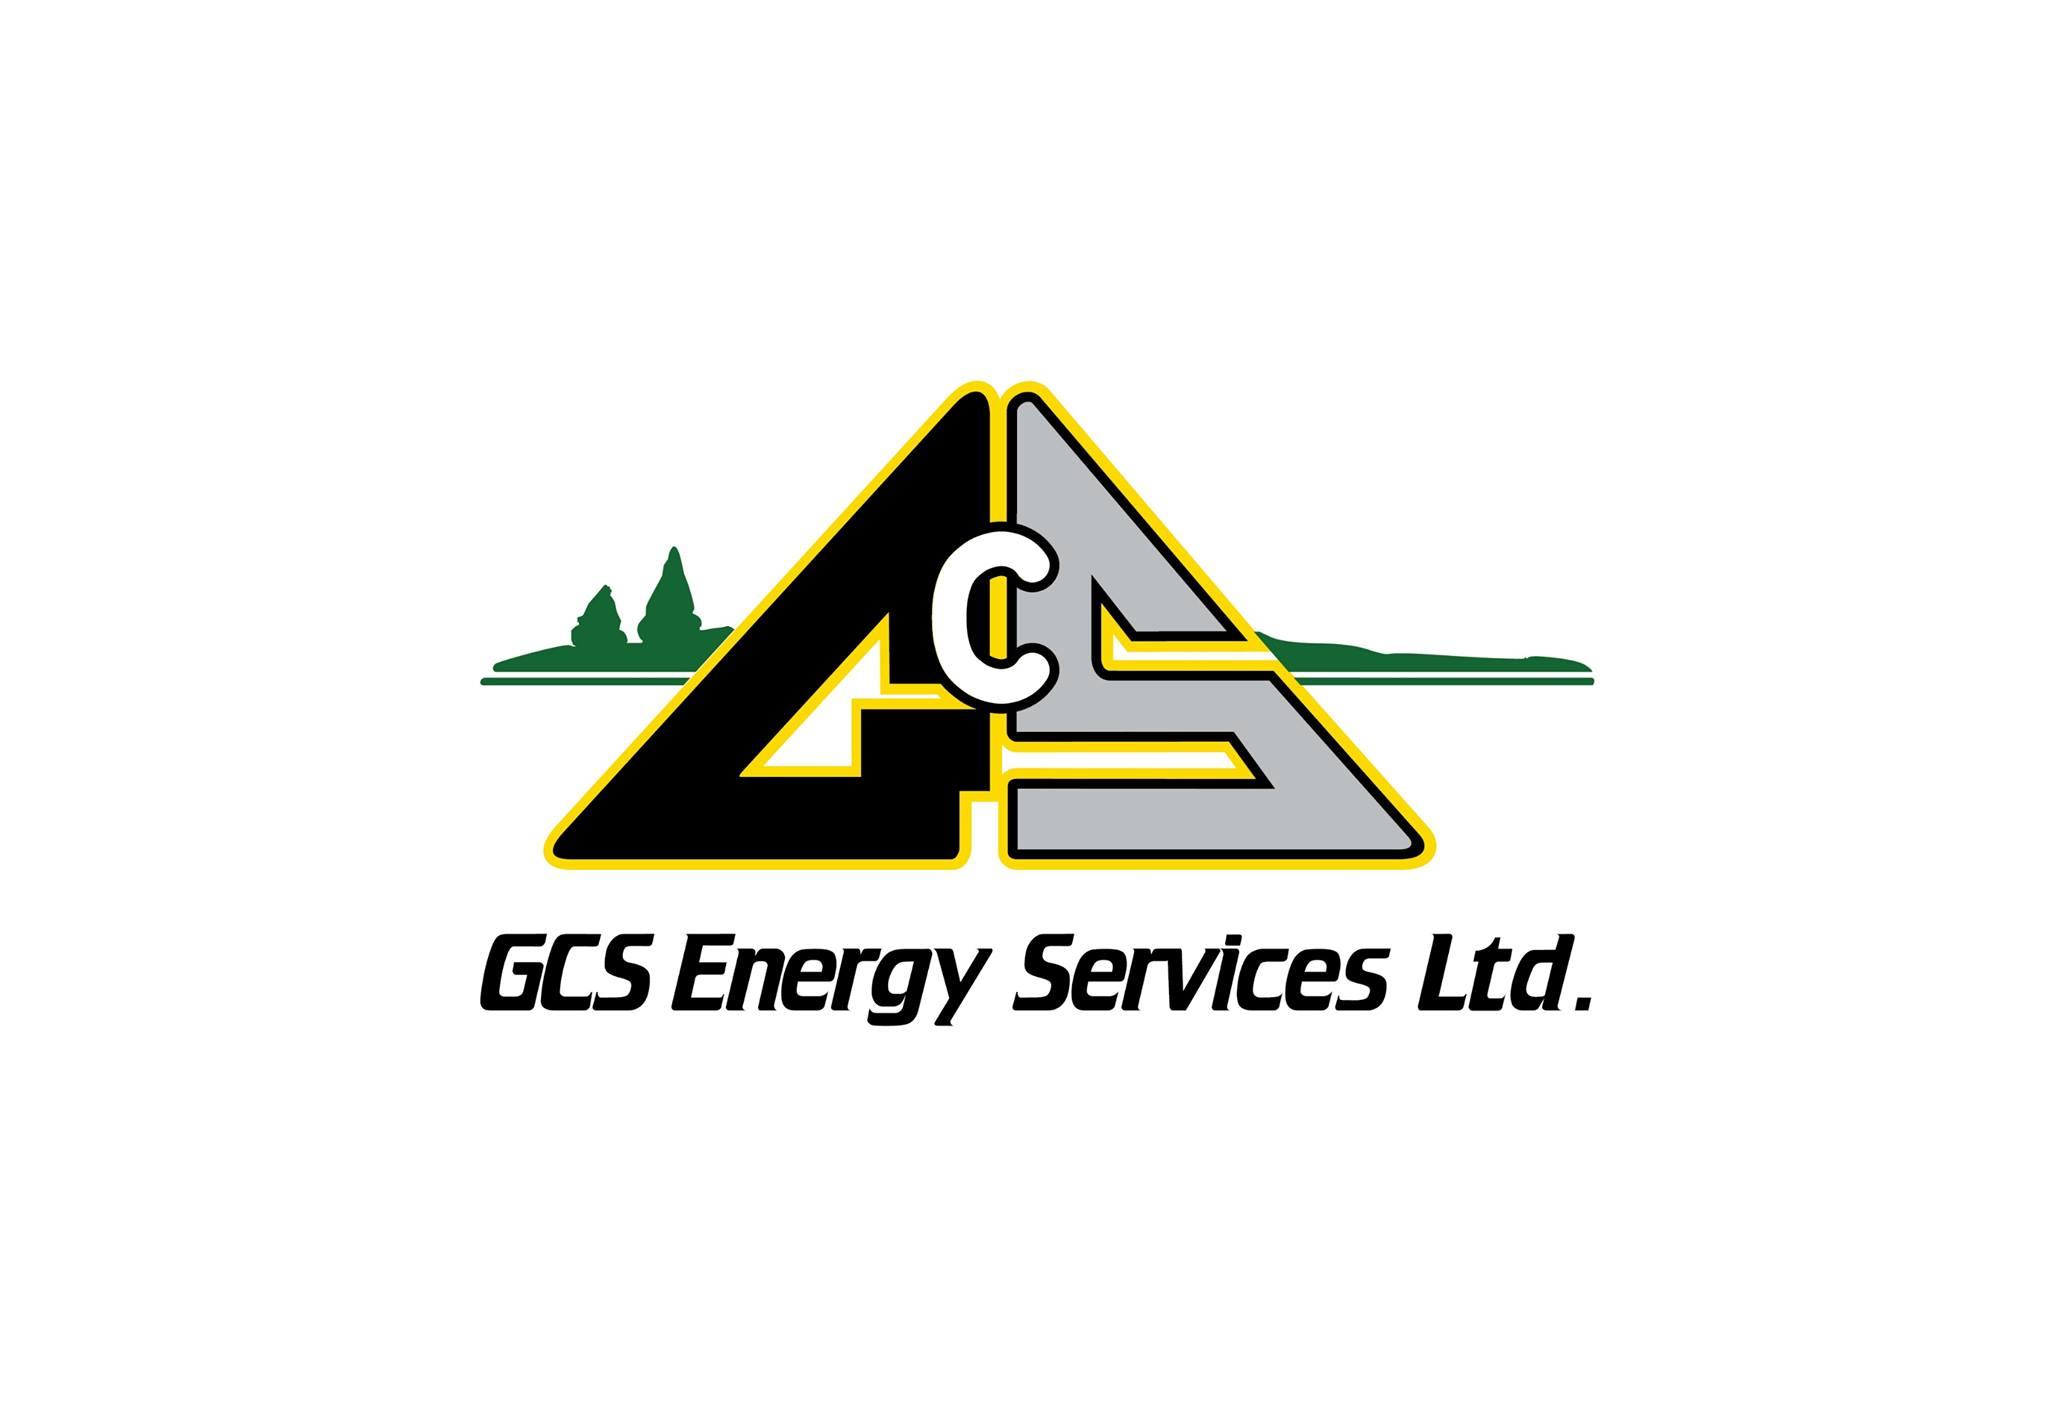 GCS Energy Services Ltd logo